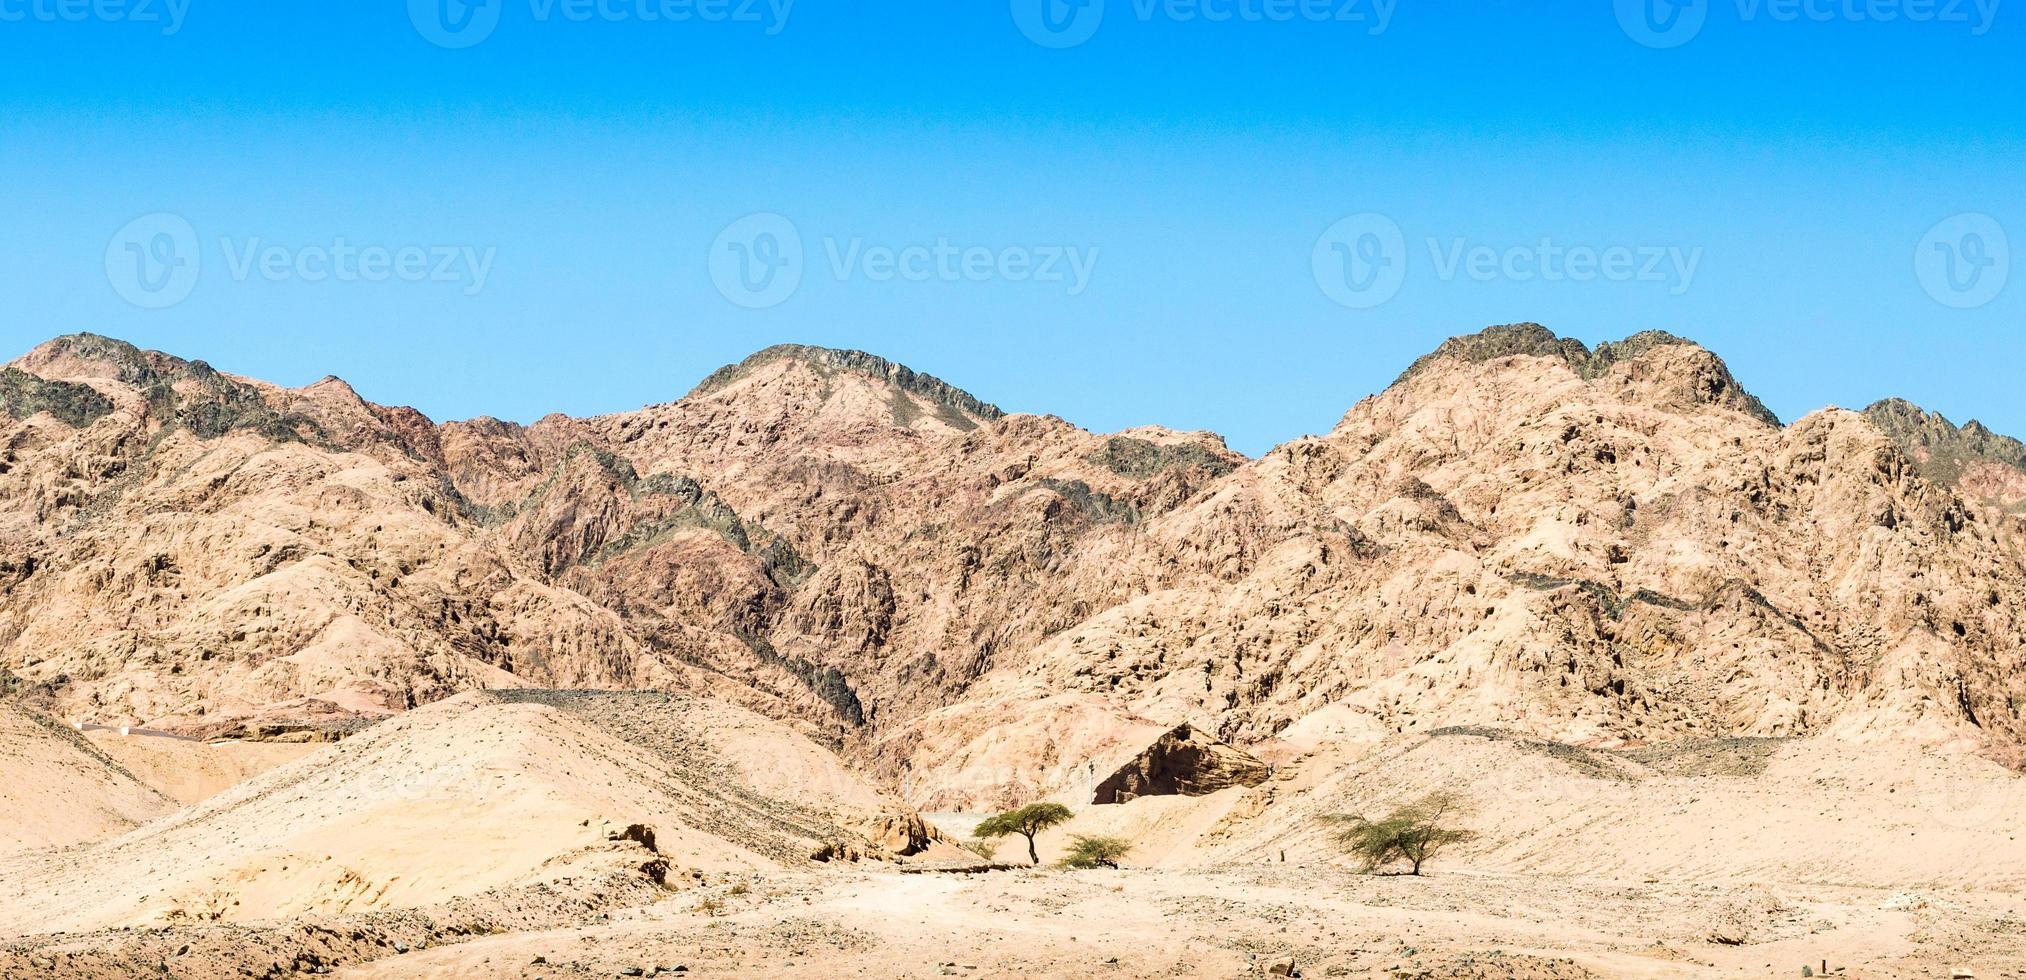 bruna kullar i öknen foto